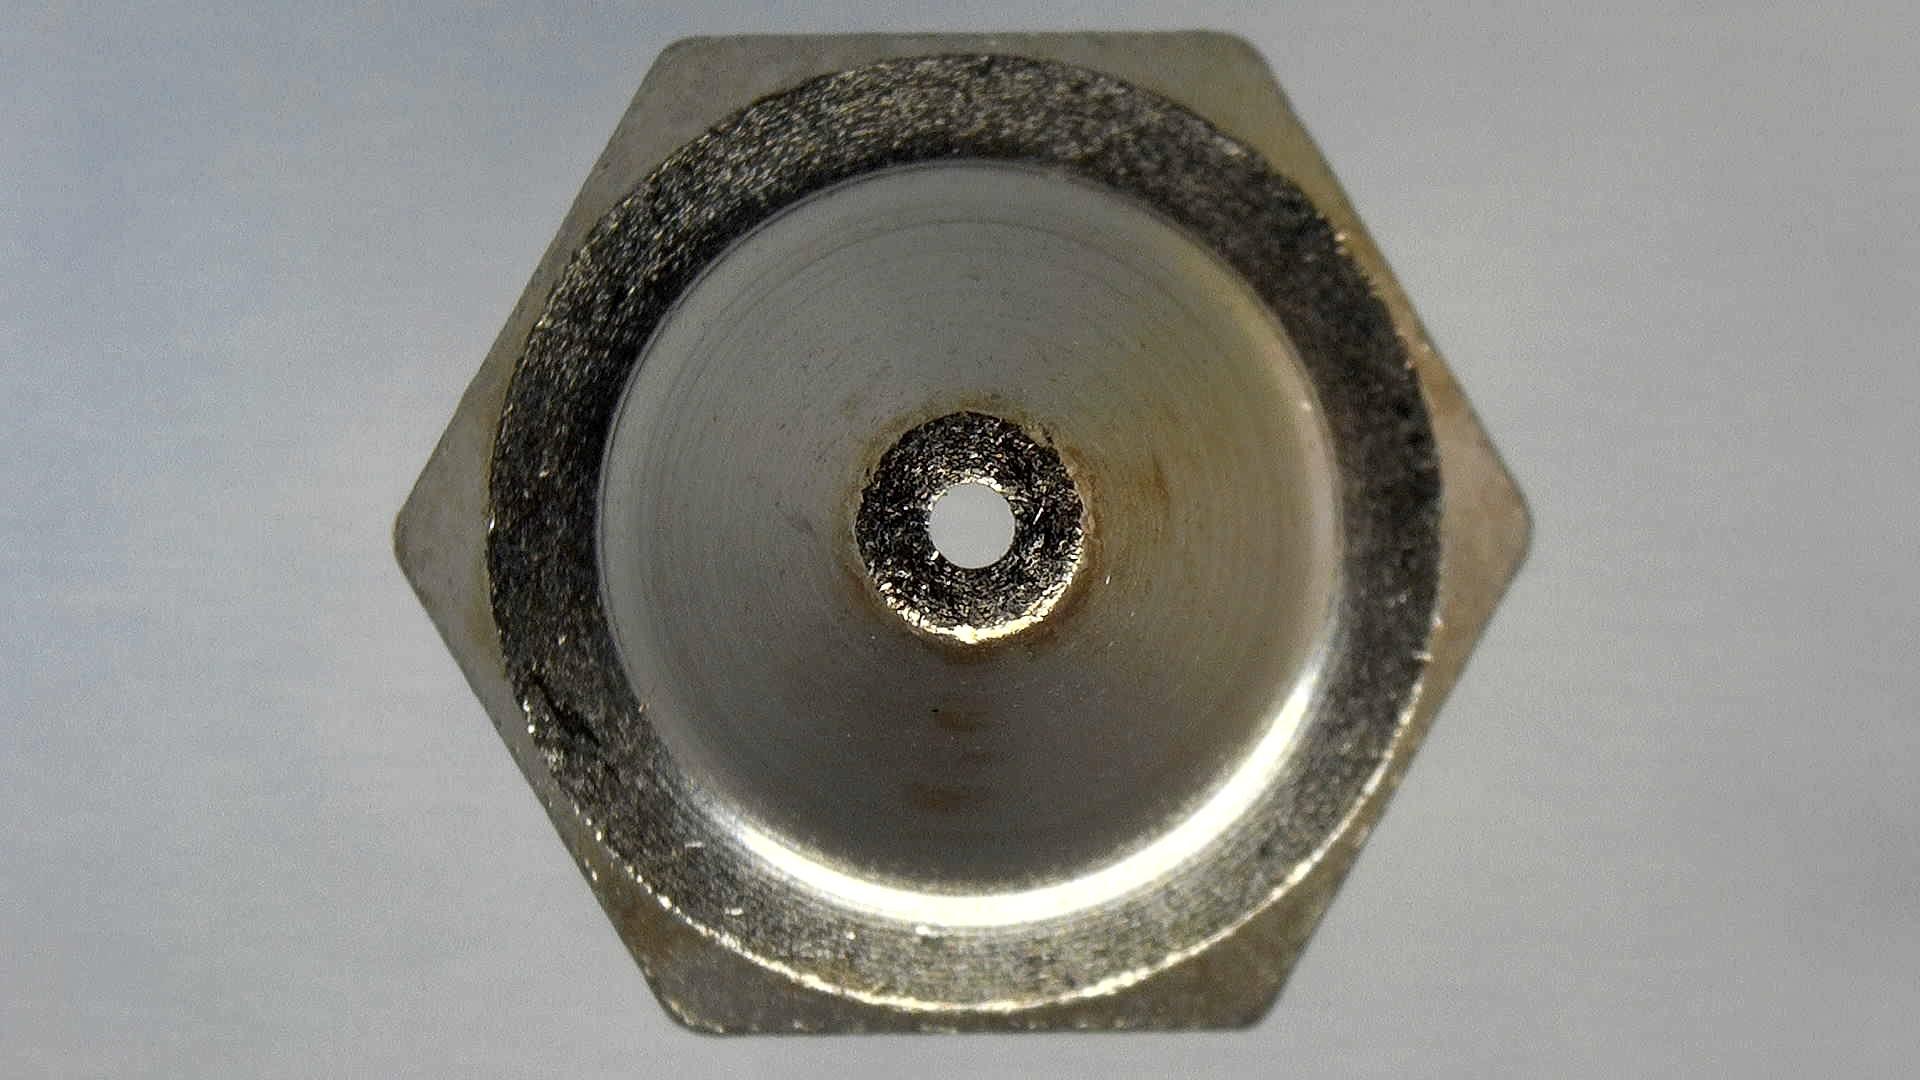 Copper-Plated-Volcano-Nozzle-0.6-3